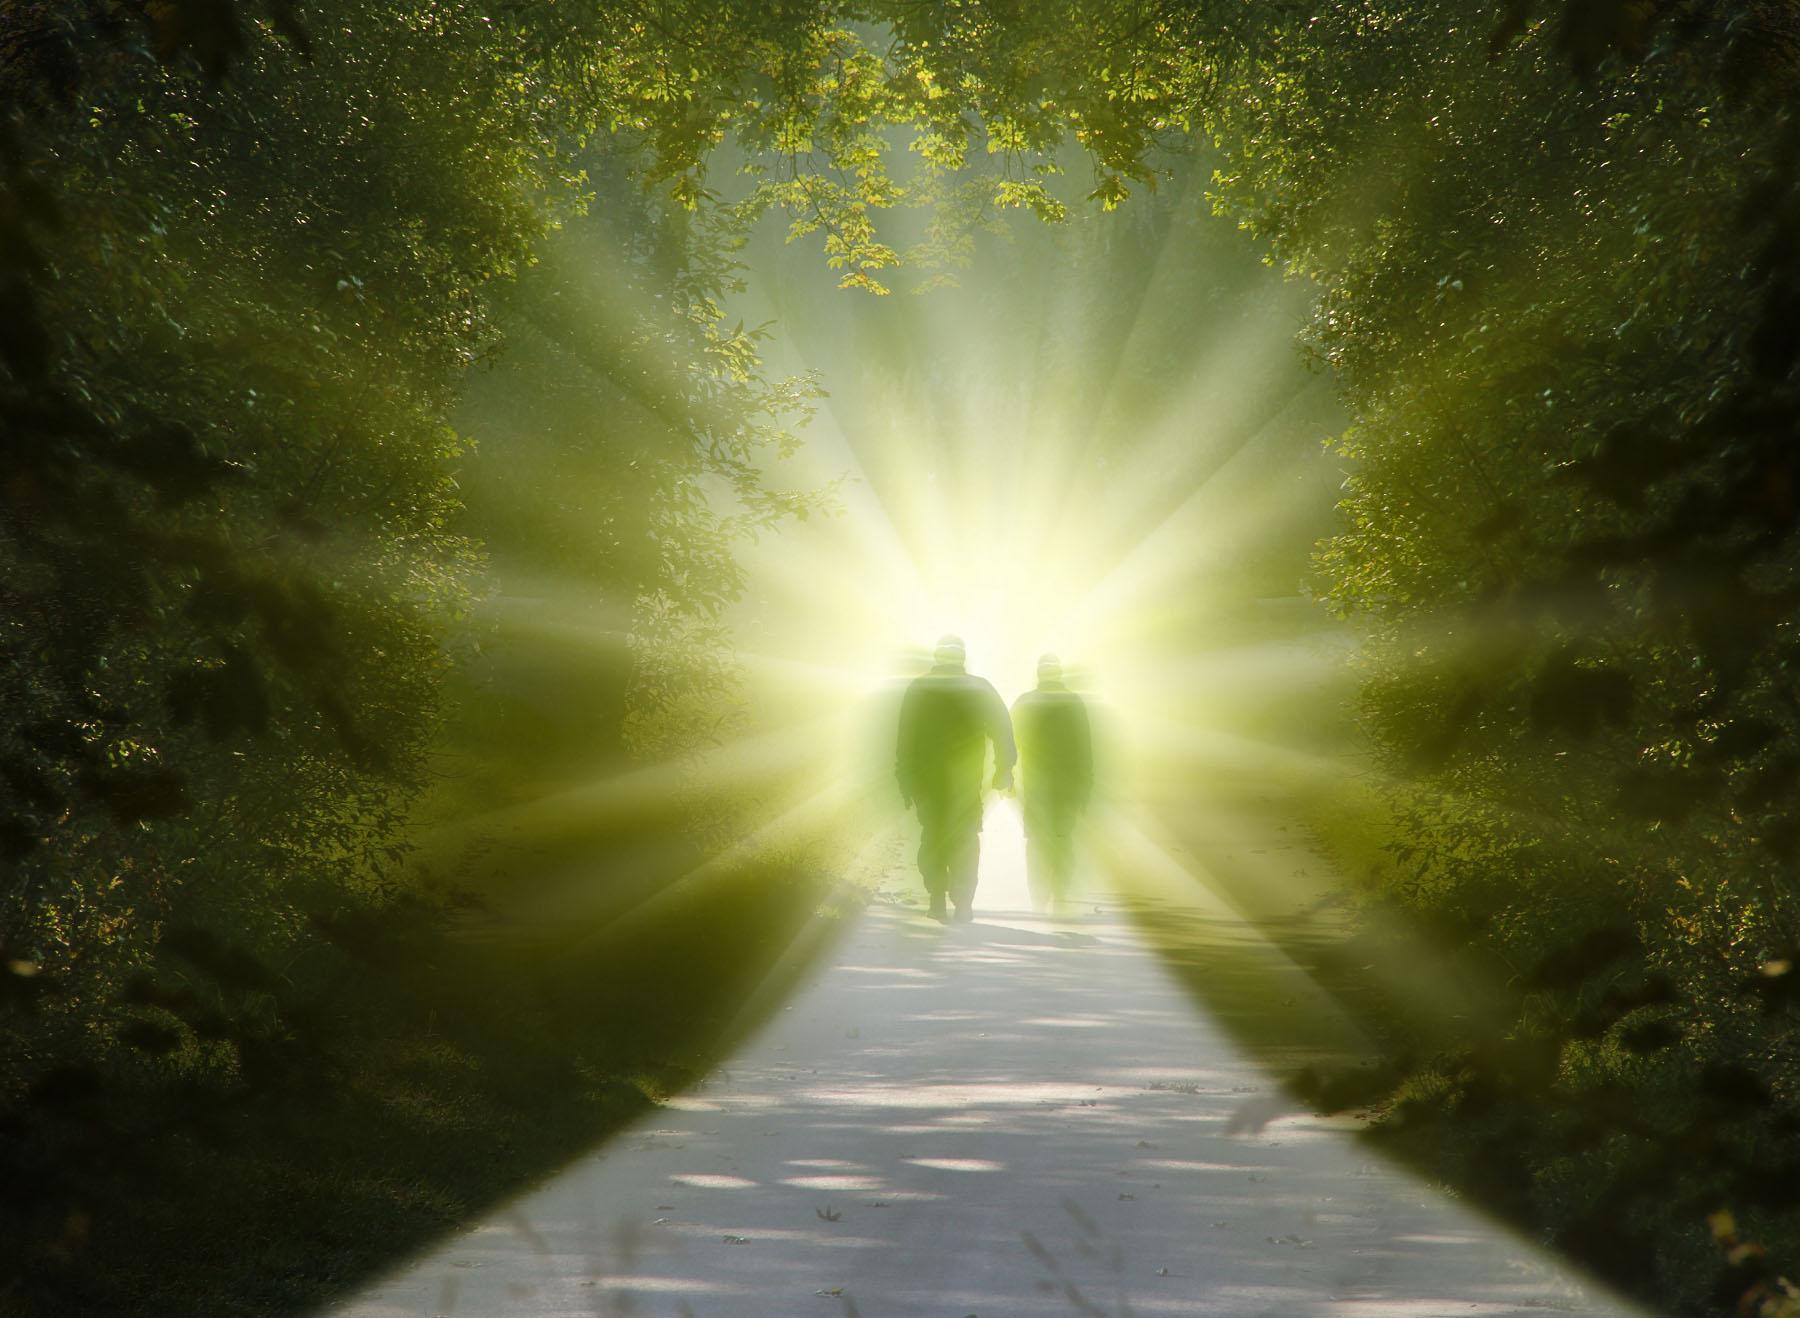 La Asombrosa Vida que llevaremos en el Cielo, según los que fueron